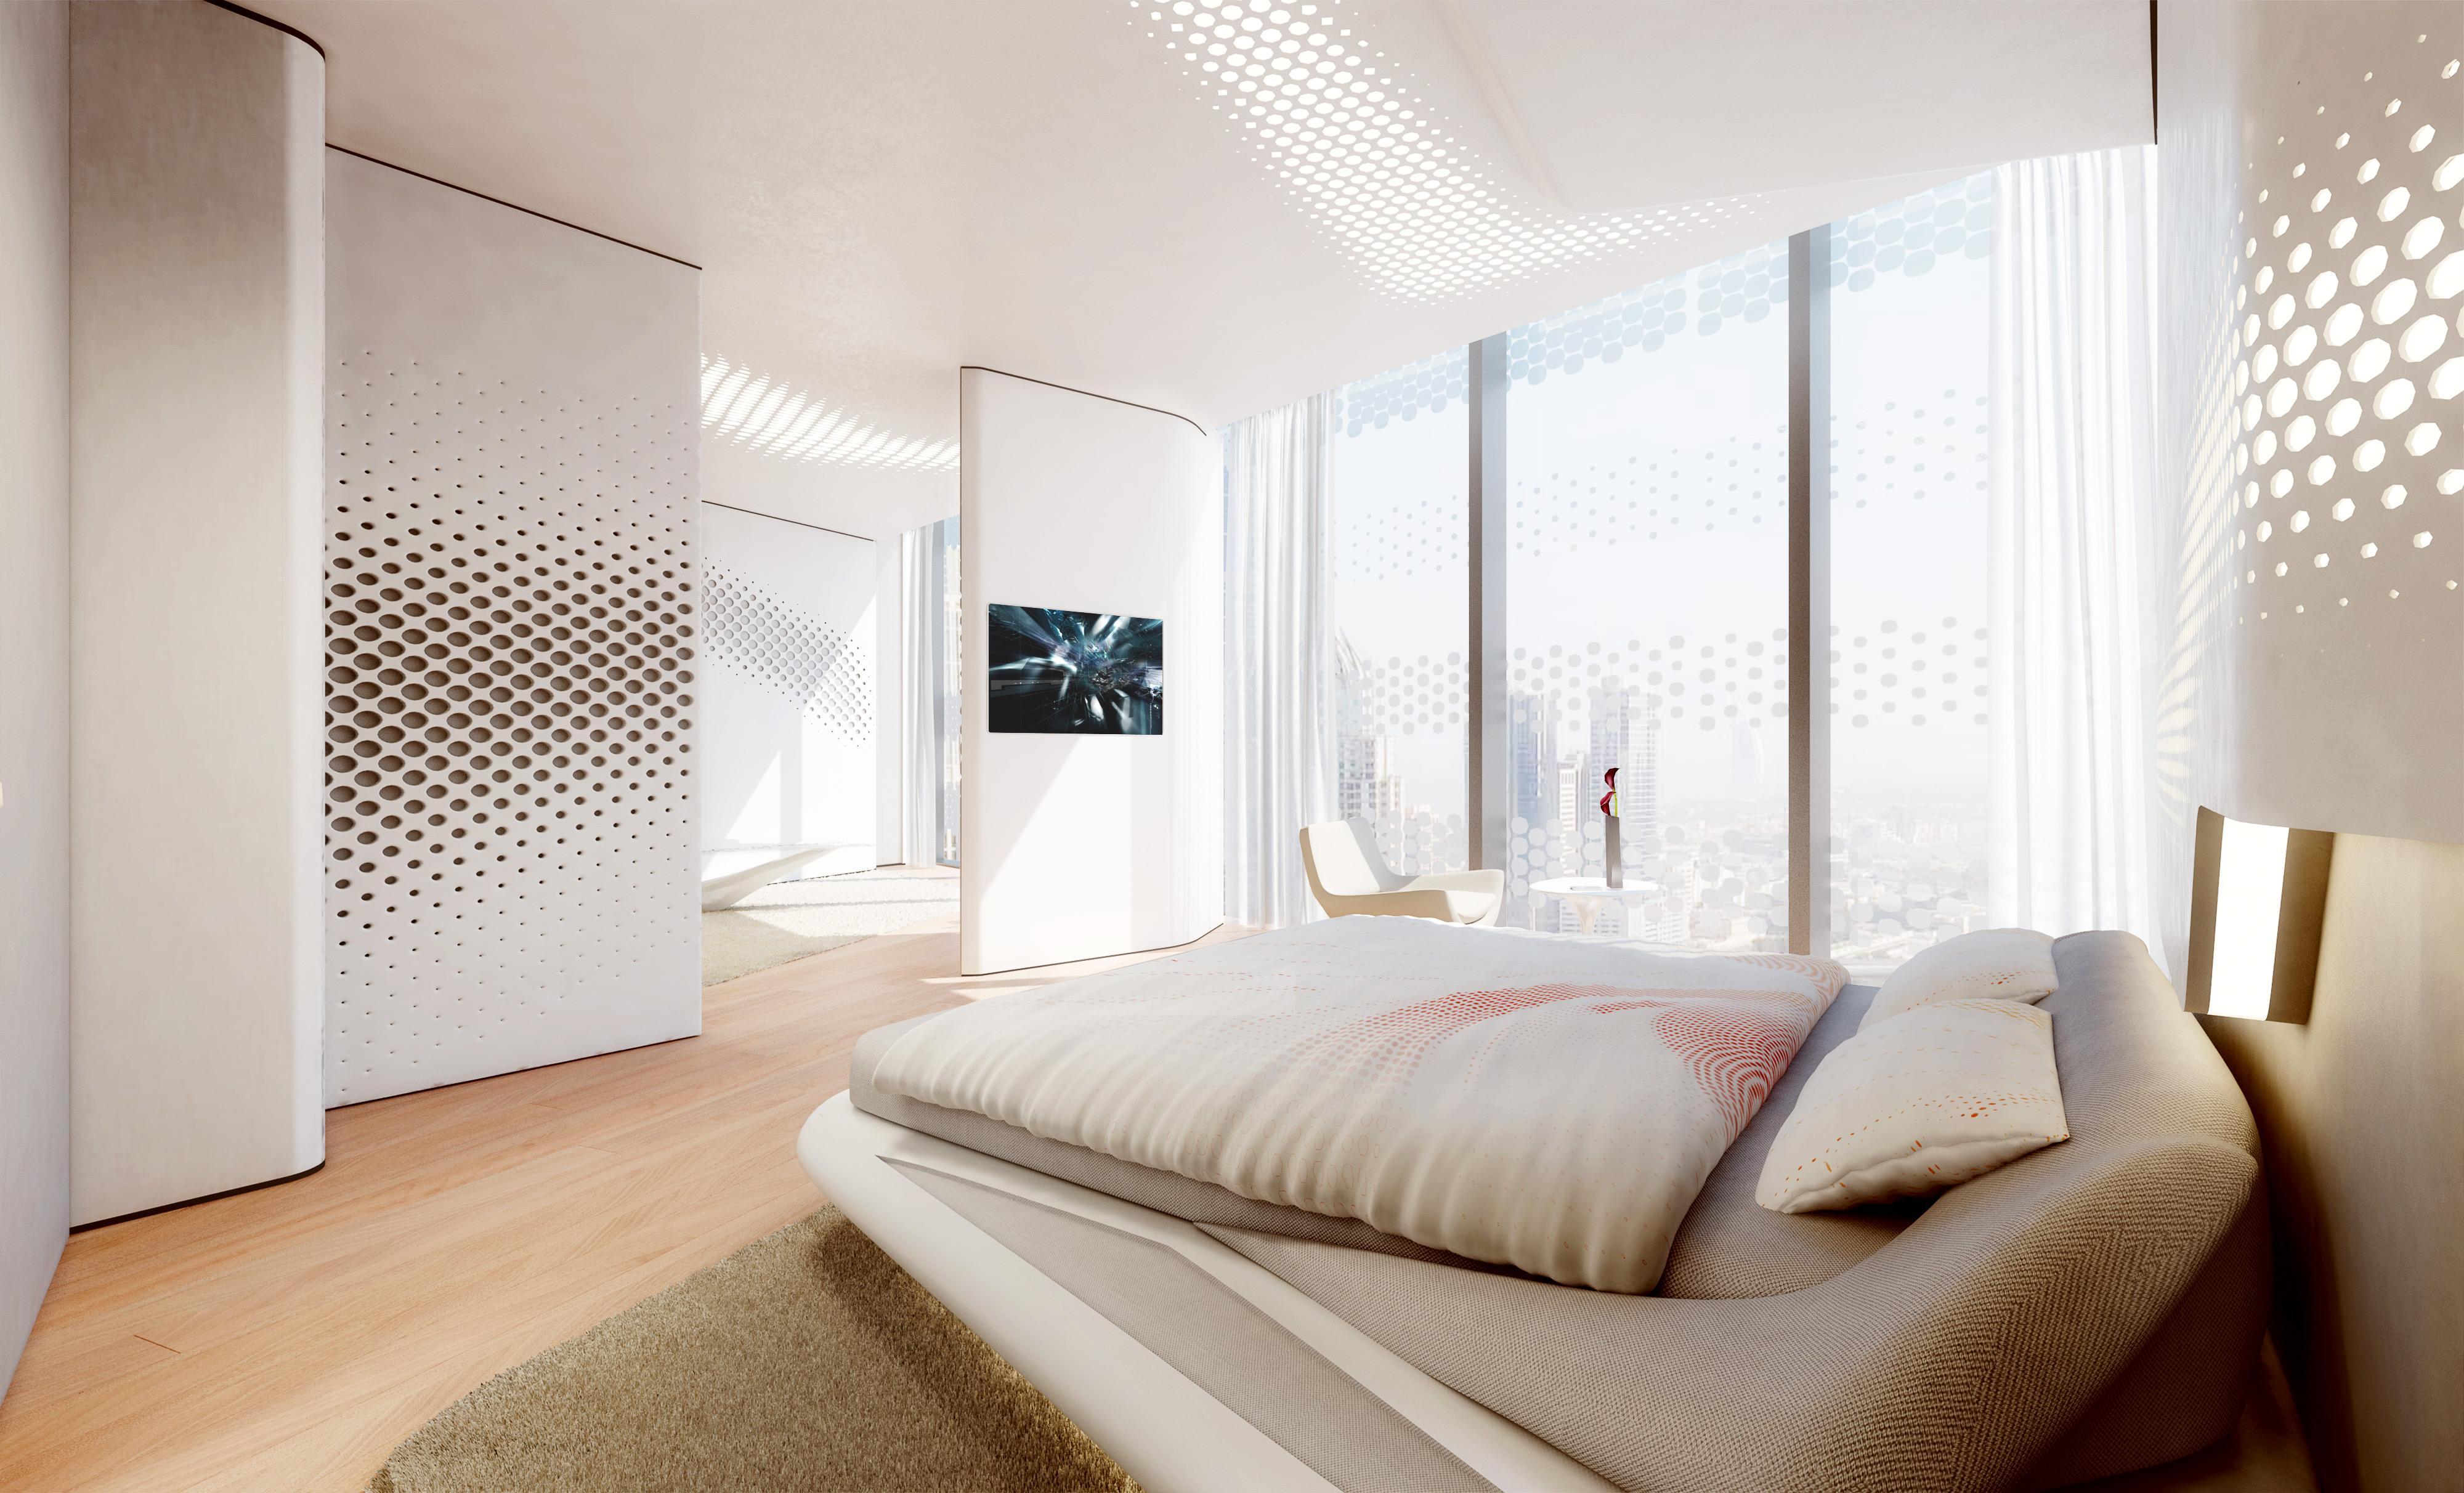 Pareti ondulate finestre dal pavimento al soffitto le for Finestre a soffitto